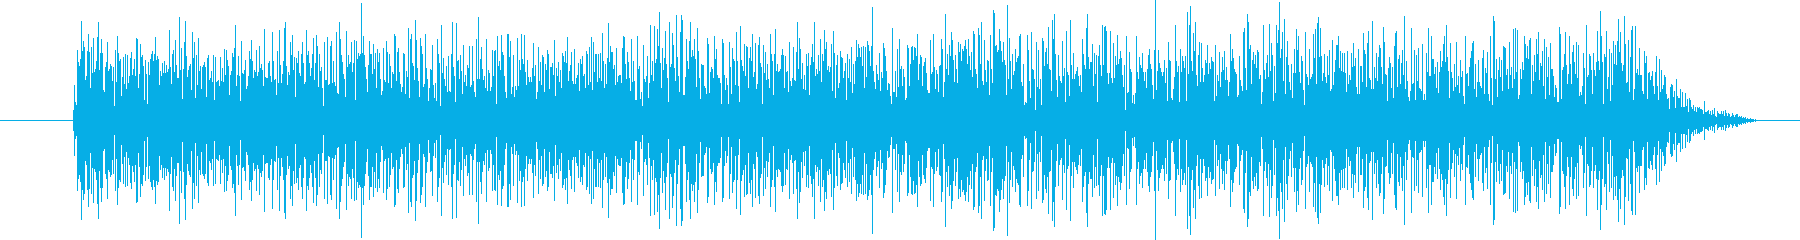 ガー (星人の声)の再生済みの波形